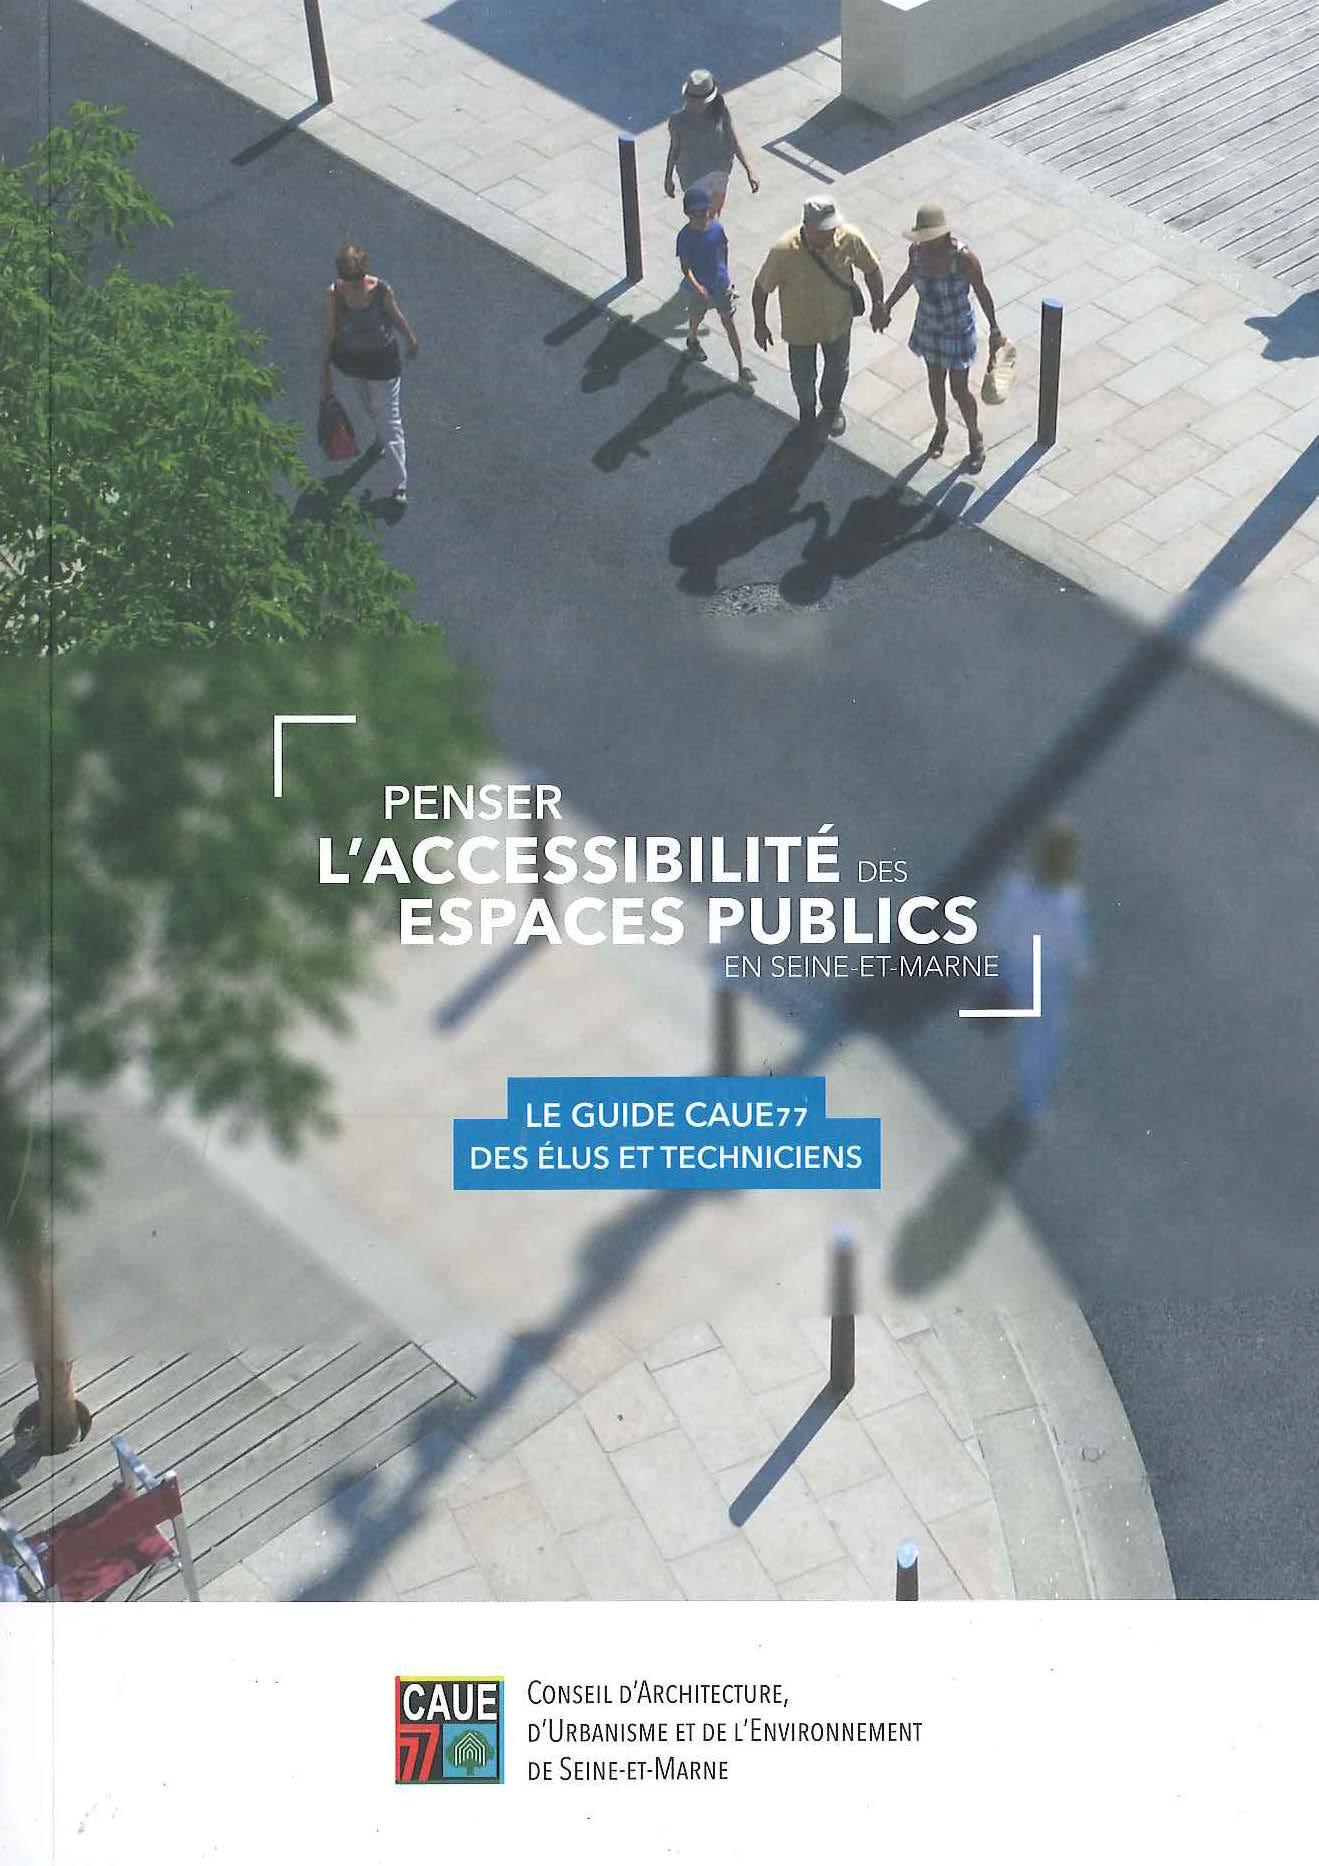 Penser l'accessibilité des espaces publics en Seine et Marne